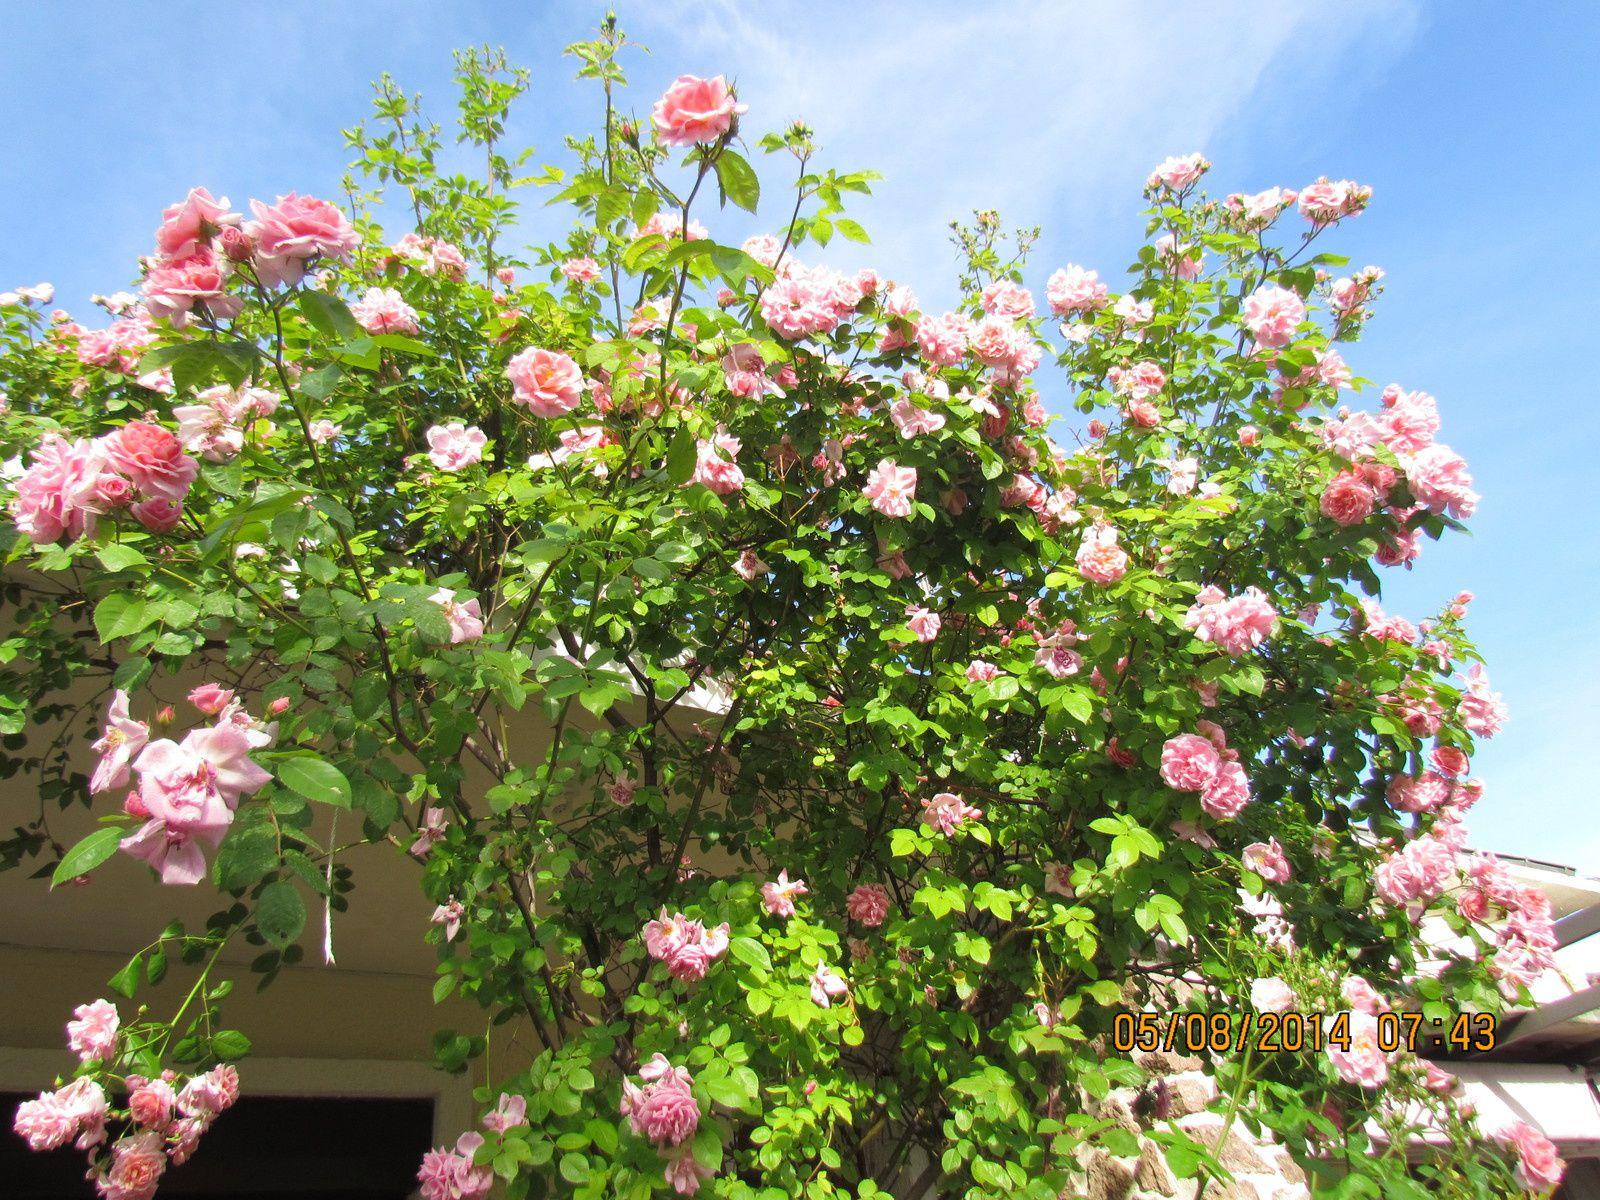 mon jardin juin 2014 musique  julio iglesias photos pierre subias